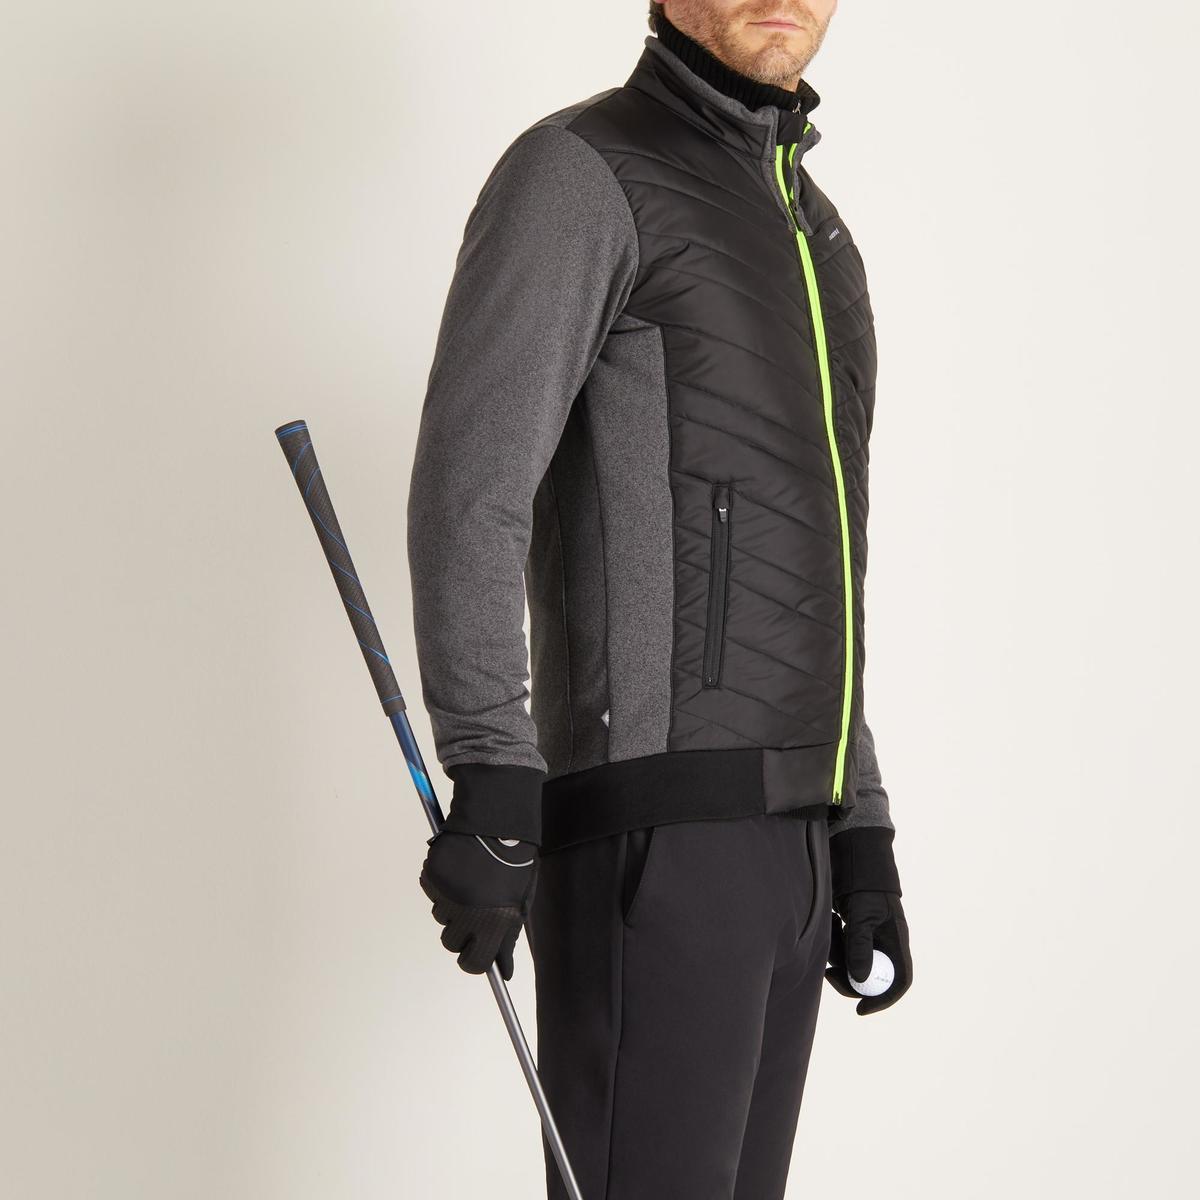 Bild 3 von Golf Wattierte Jacke kühle Witterungen Herren schwarz